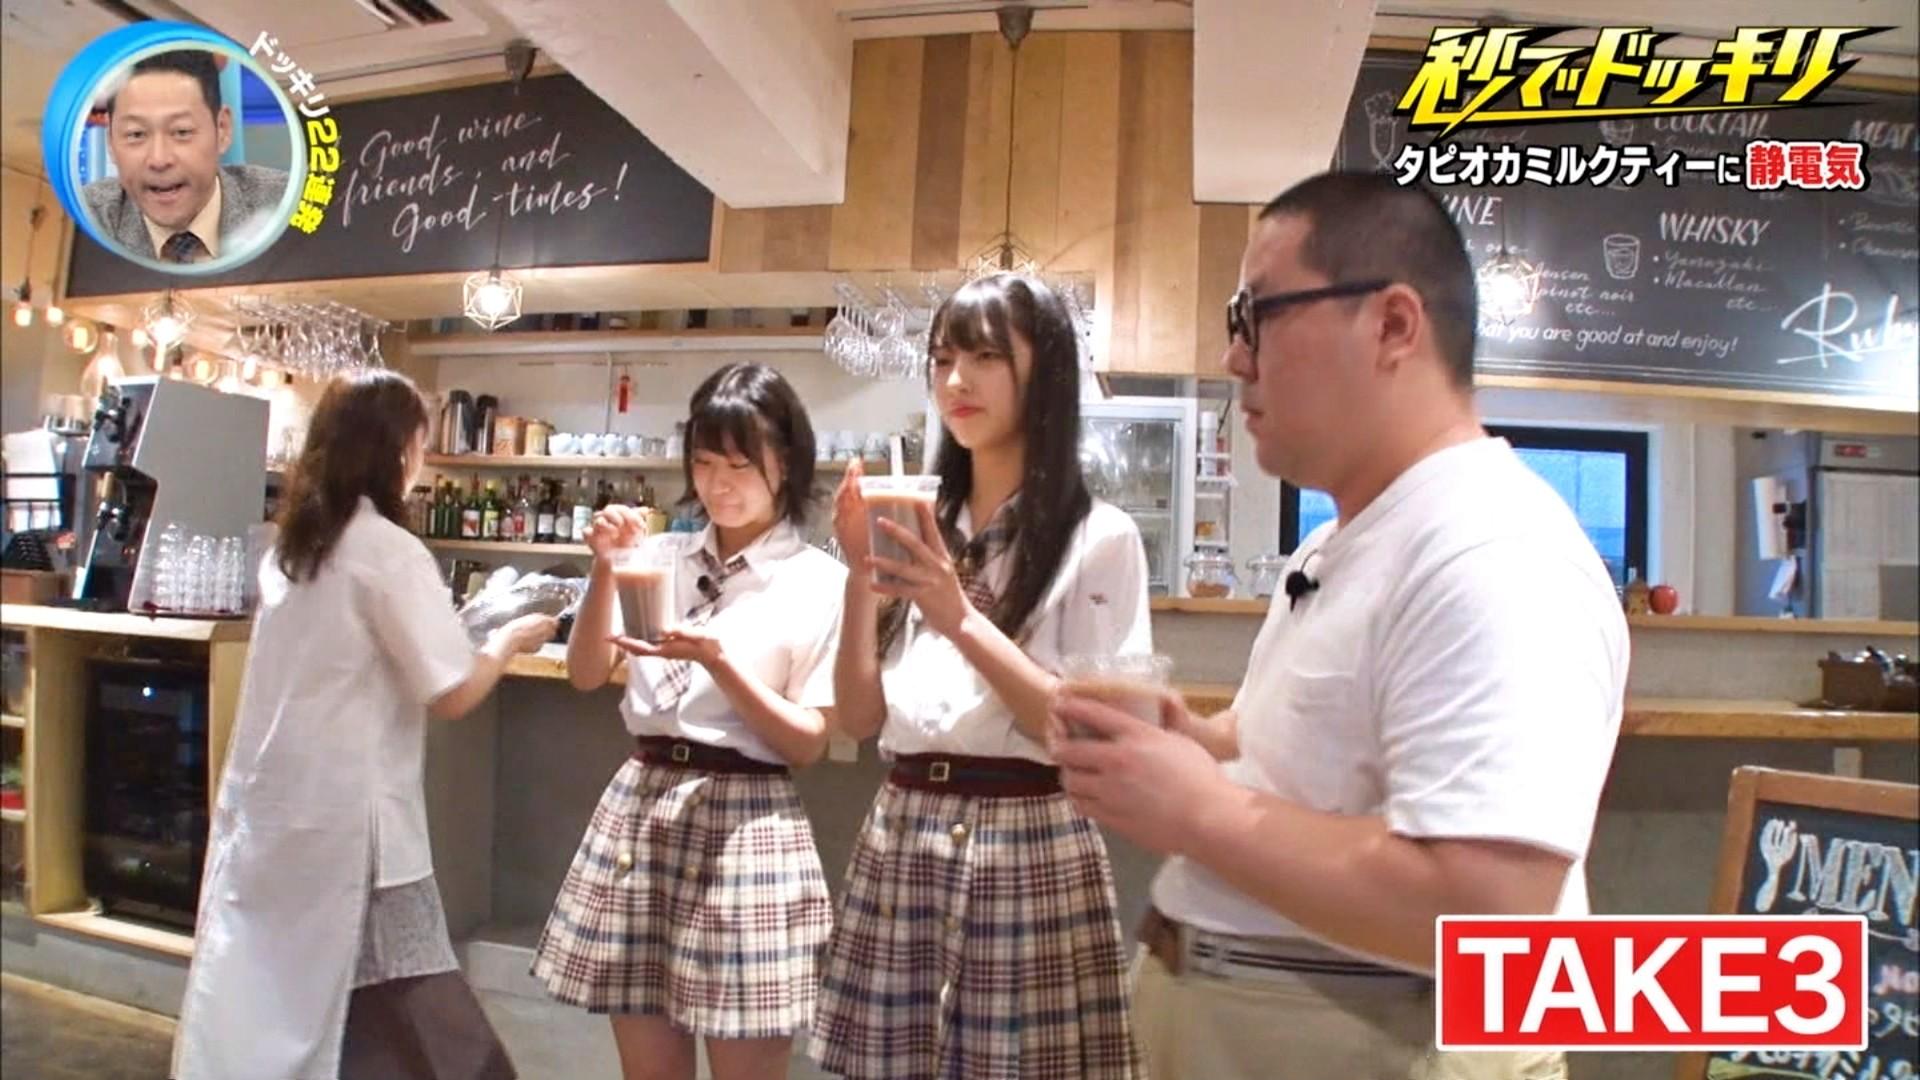 2019年11月30日にフジテレビ系列でほうそうされた「芸能人が本気で考えた!ドッキリGP」に出演したNMB48上西怜・大田莉央奈の画像-041